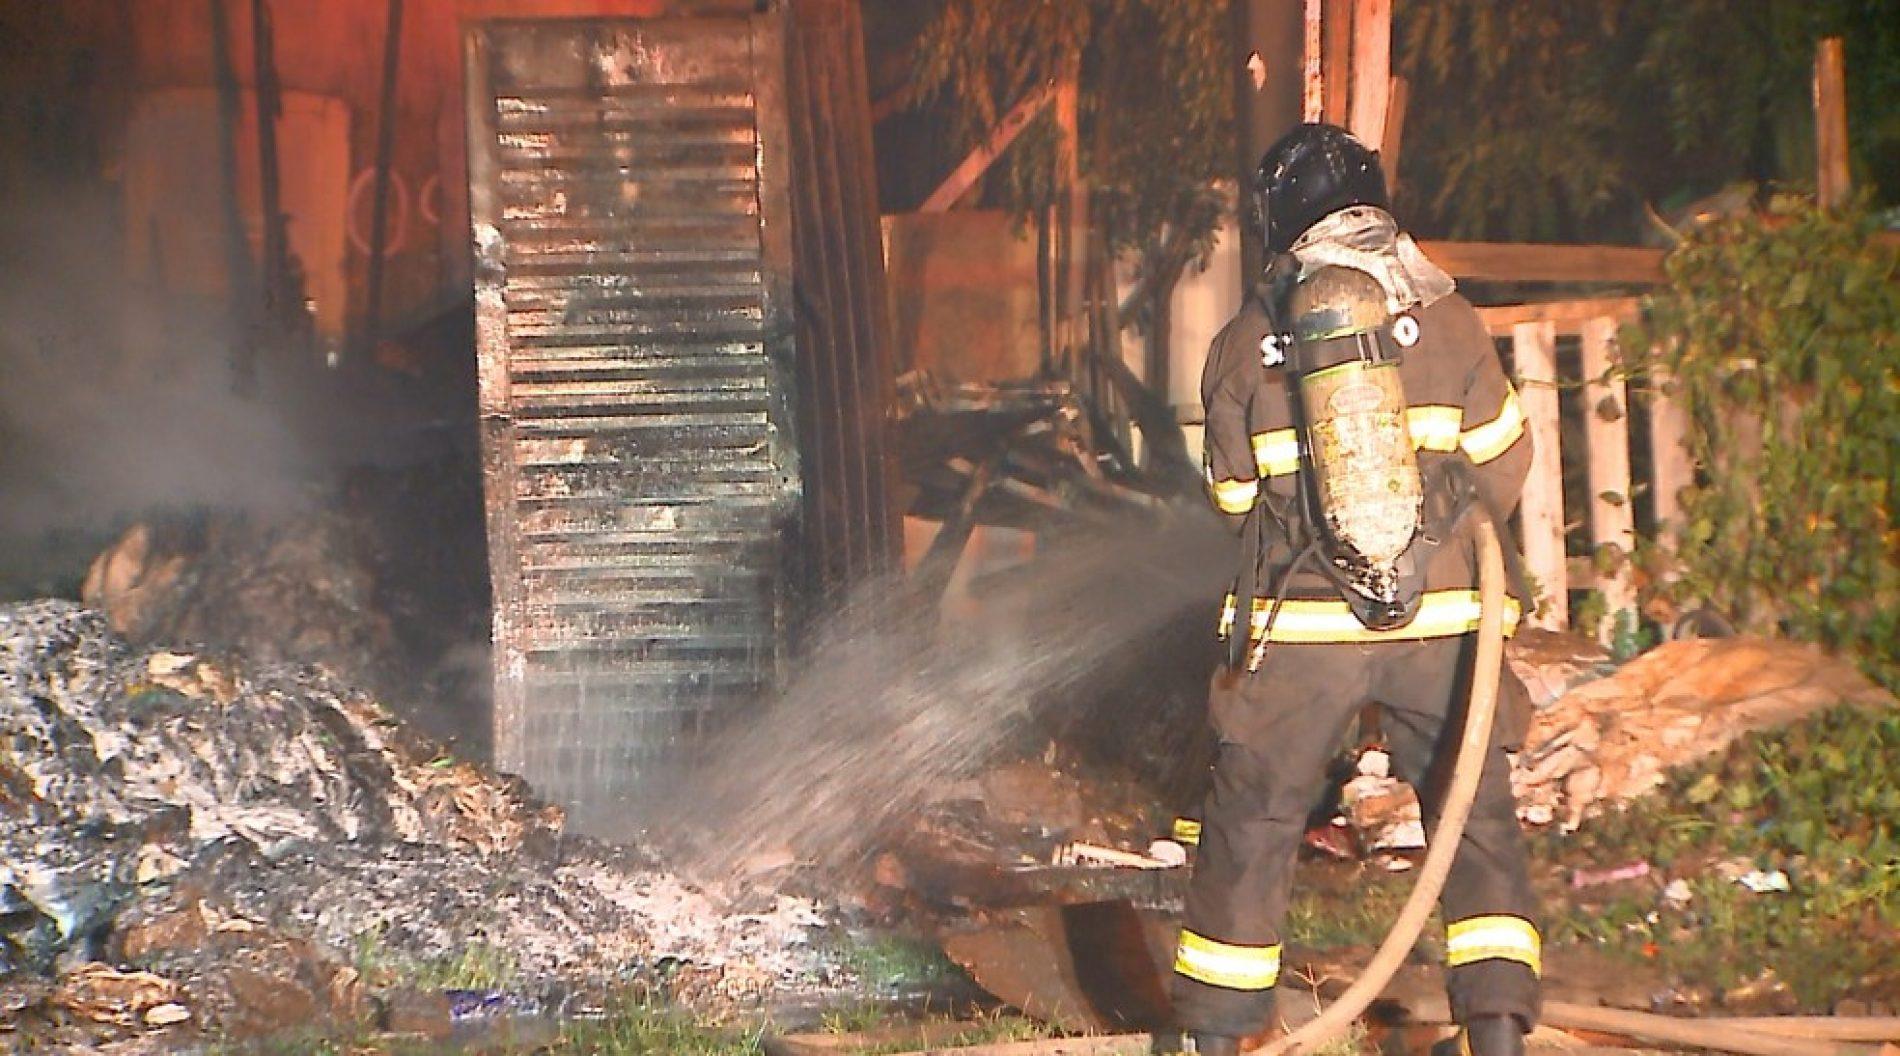 REGIÃO: Incêndio destrói barraco e atinge fiação elétrica em área invadida